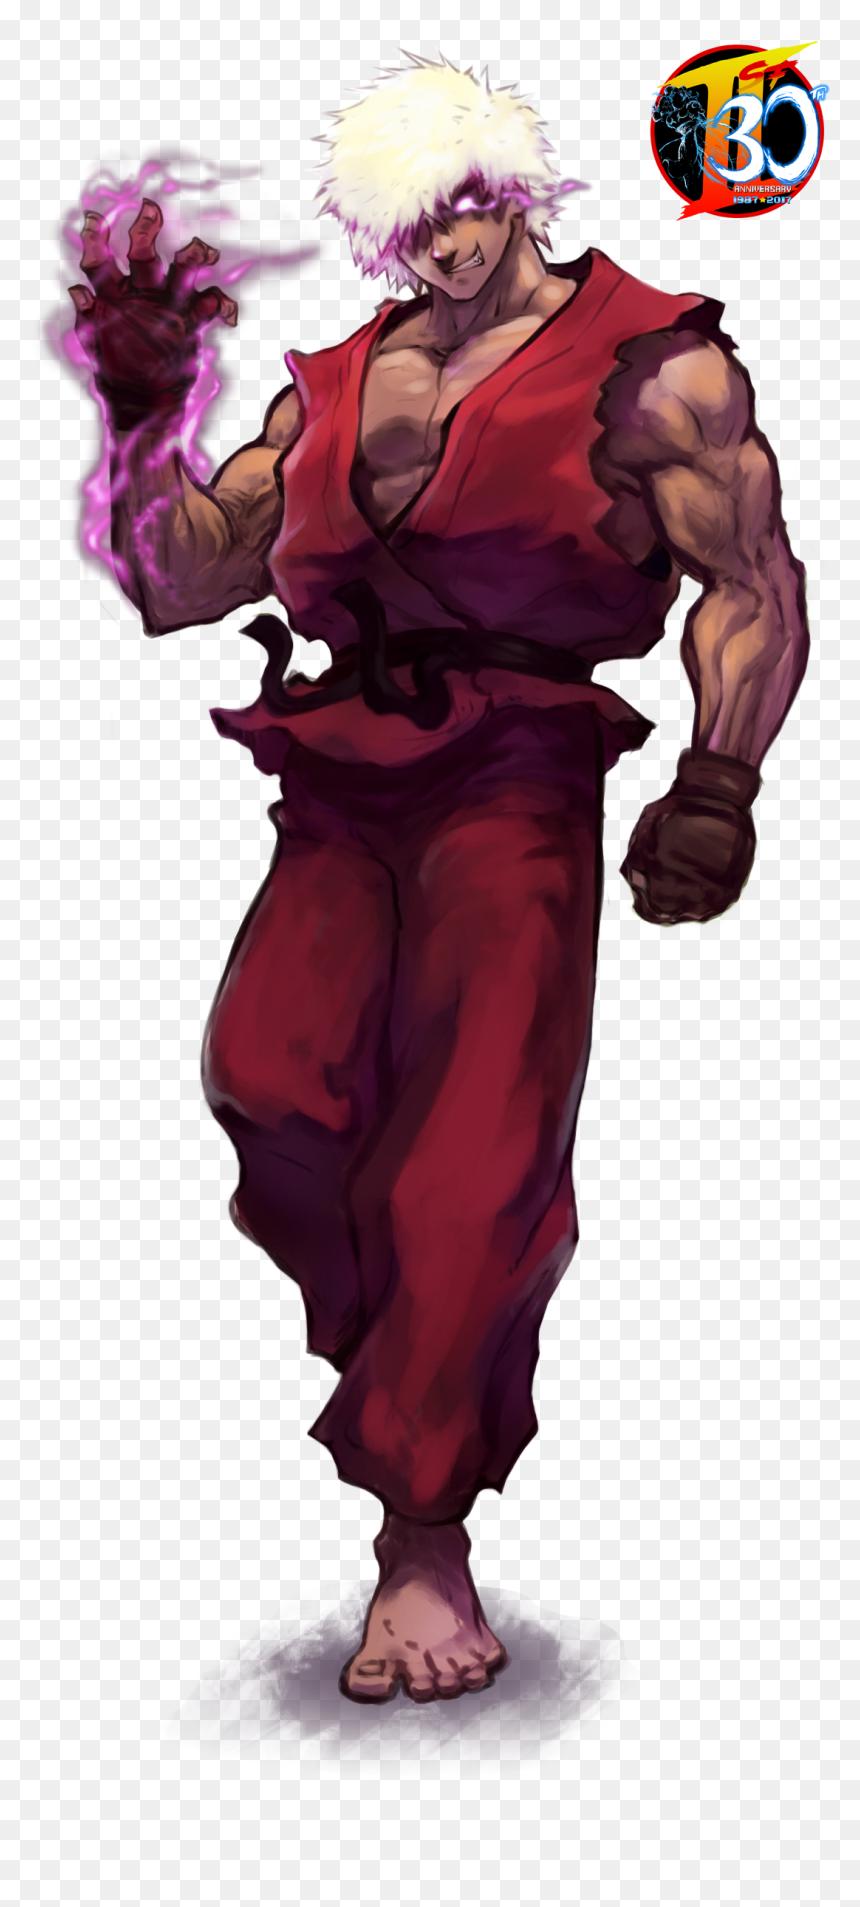 Transparent Evil Ryu Png Street Fighter Ken Fanart Png Download